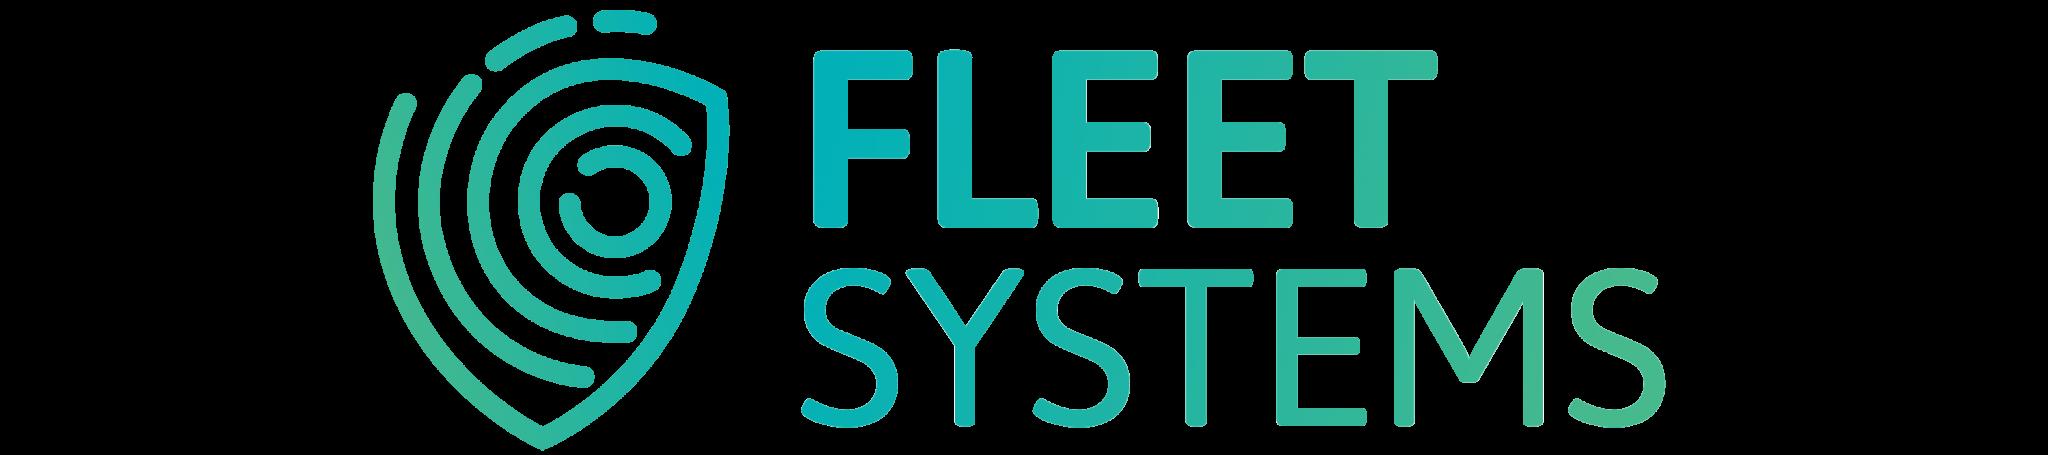 Fleet Systems Logo - Hintergrund weiß + Schriftzug mit Farbverlauf + transparent